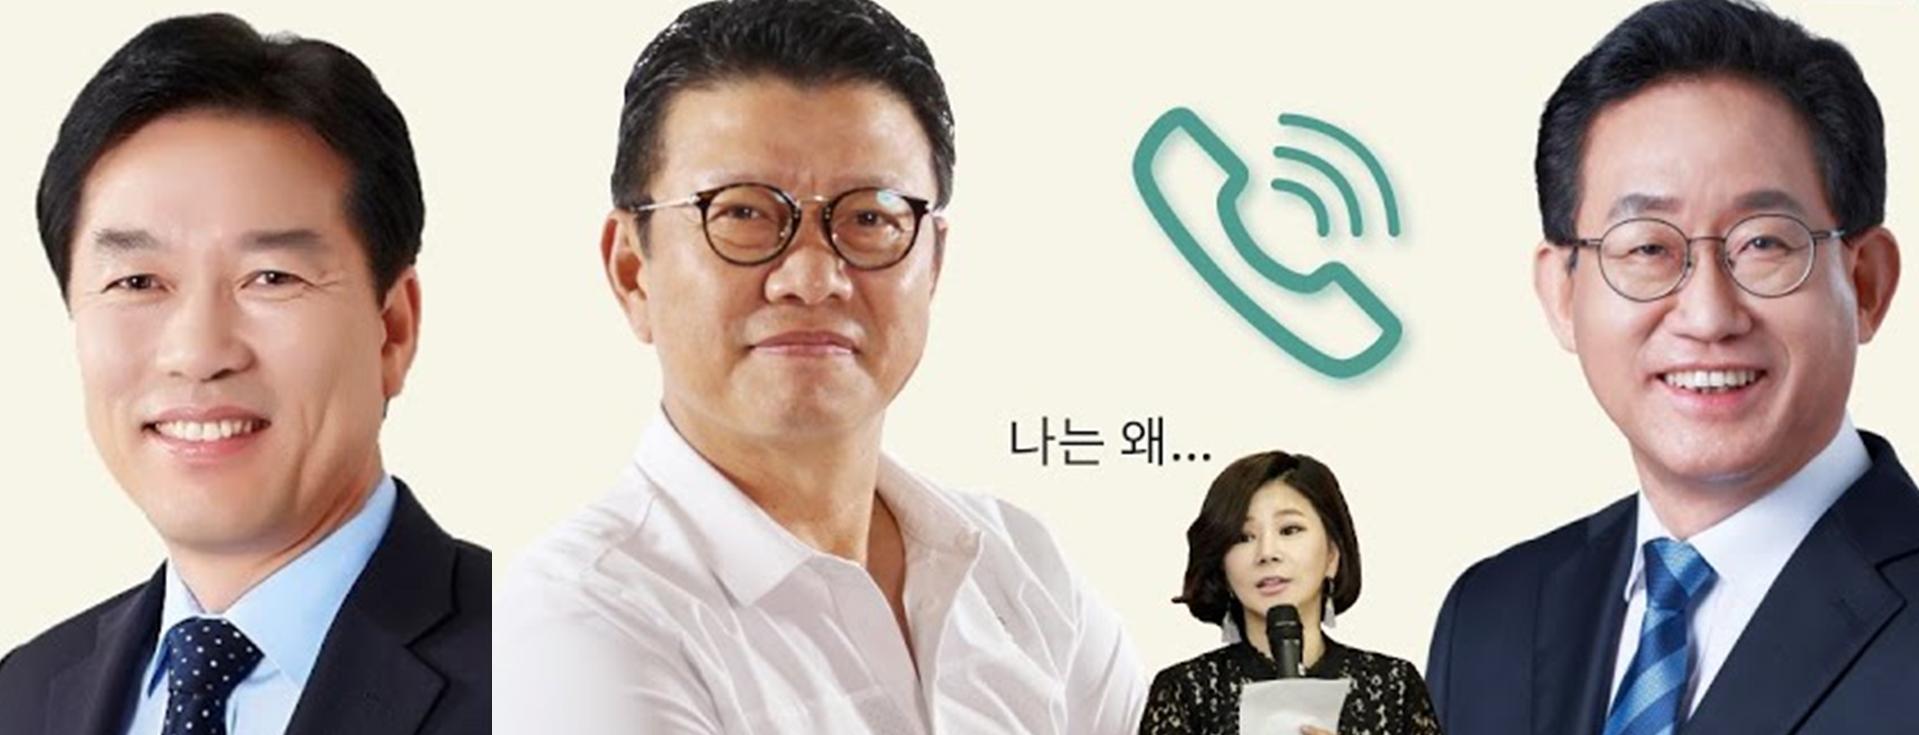 ▲ 왼쪽부터 정태호 국회의원, 코미디언 김한국, 배우 김보리, 유기홍 국회의원